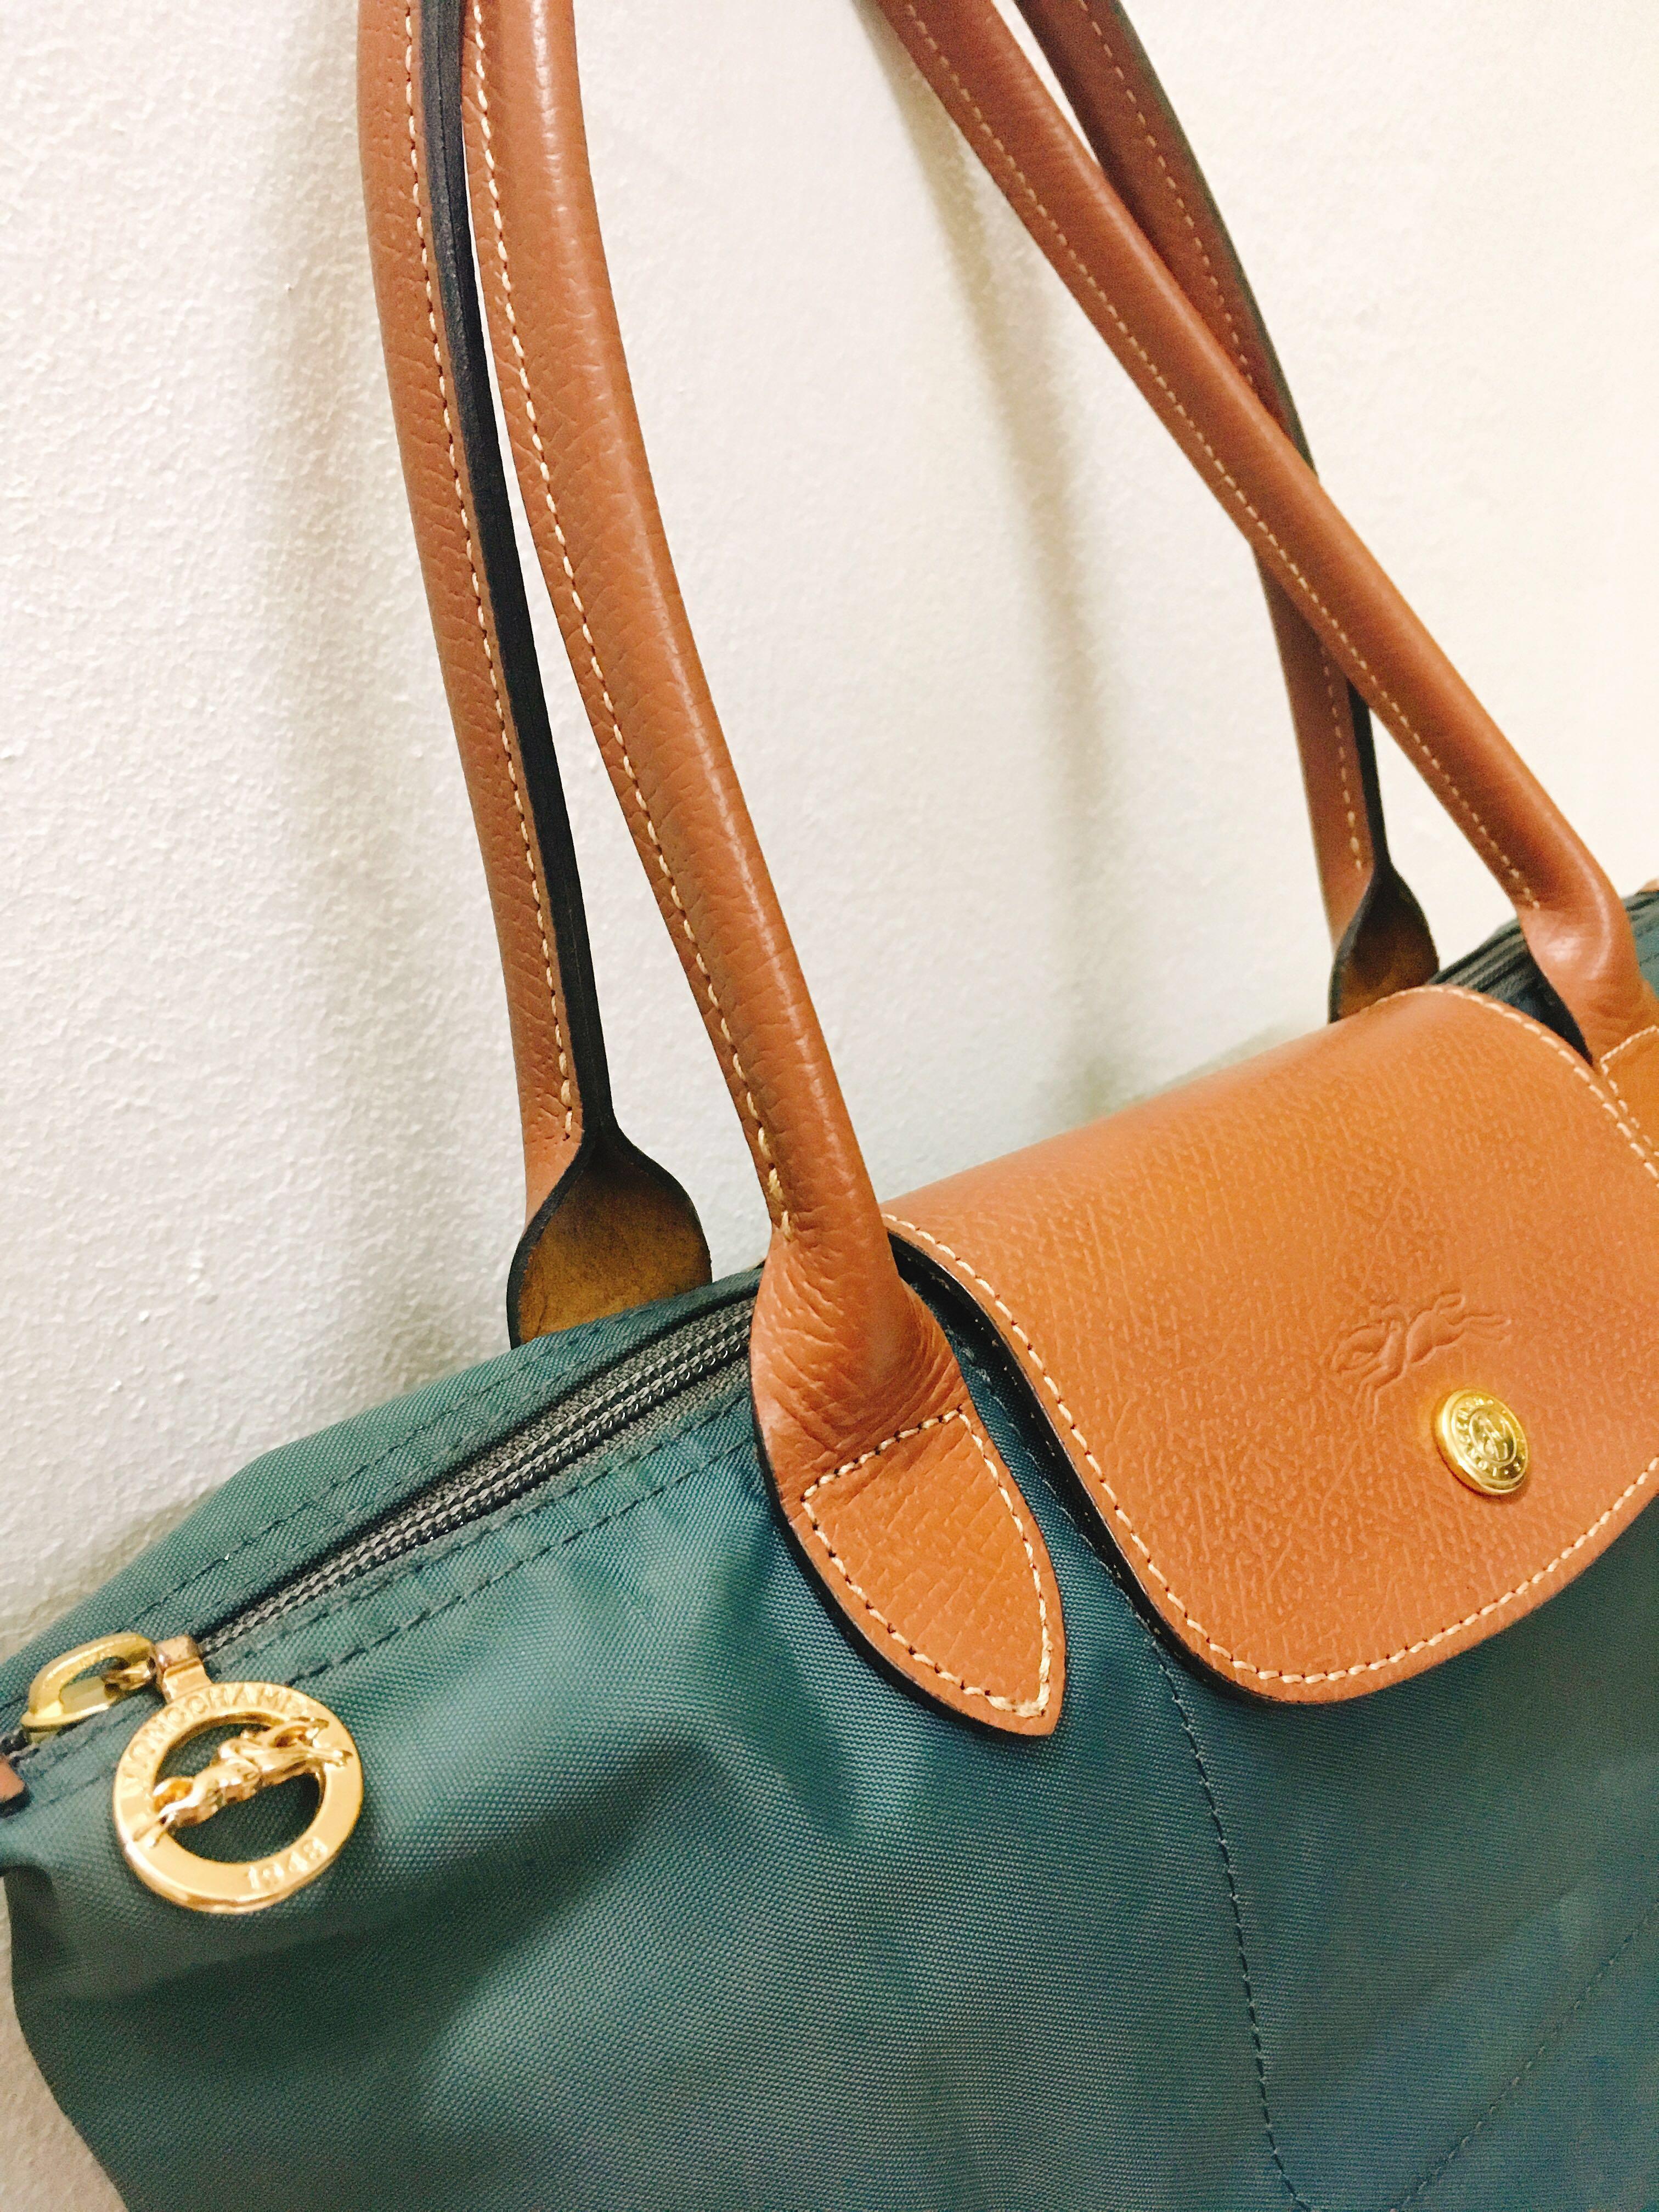 Authentic  Longchamp Le Pliage - Graphite ea8fd1720ee0a